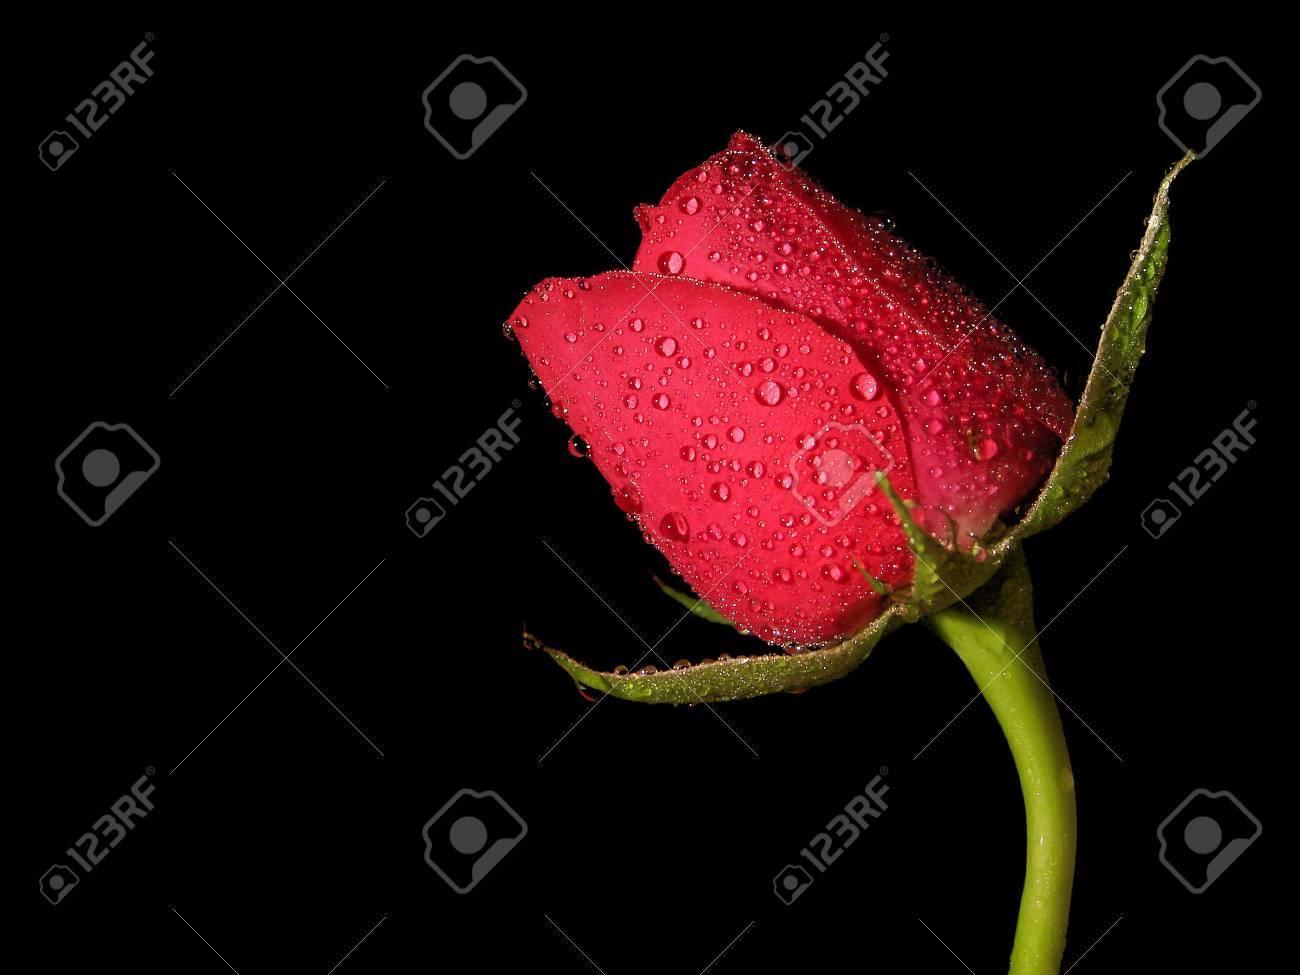 Immagini Stock Una Sola Rosa Rossa Prese Con Uno Sfondo Nero Il